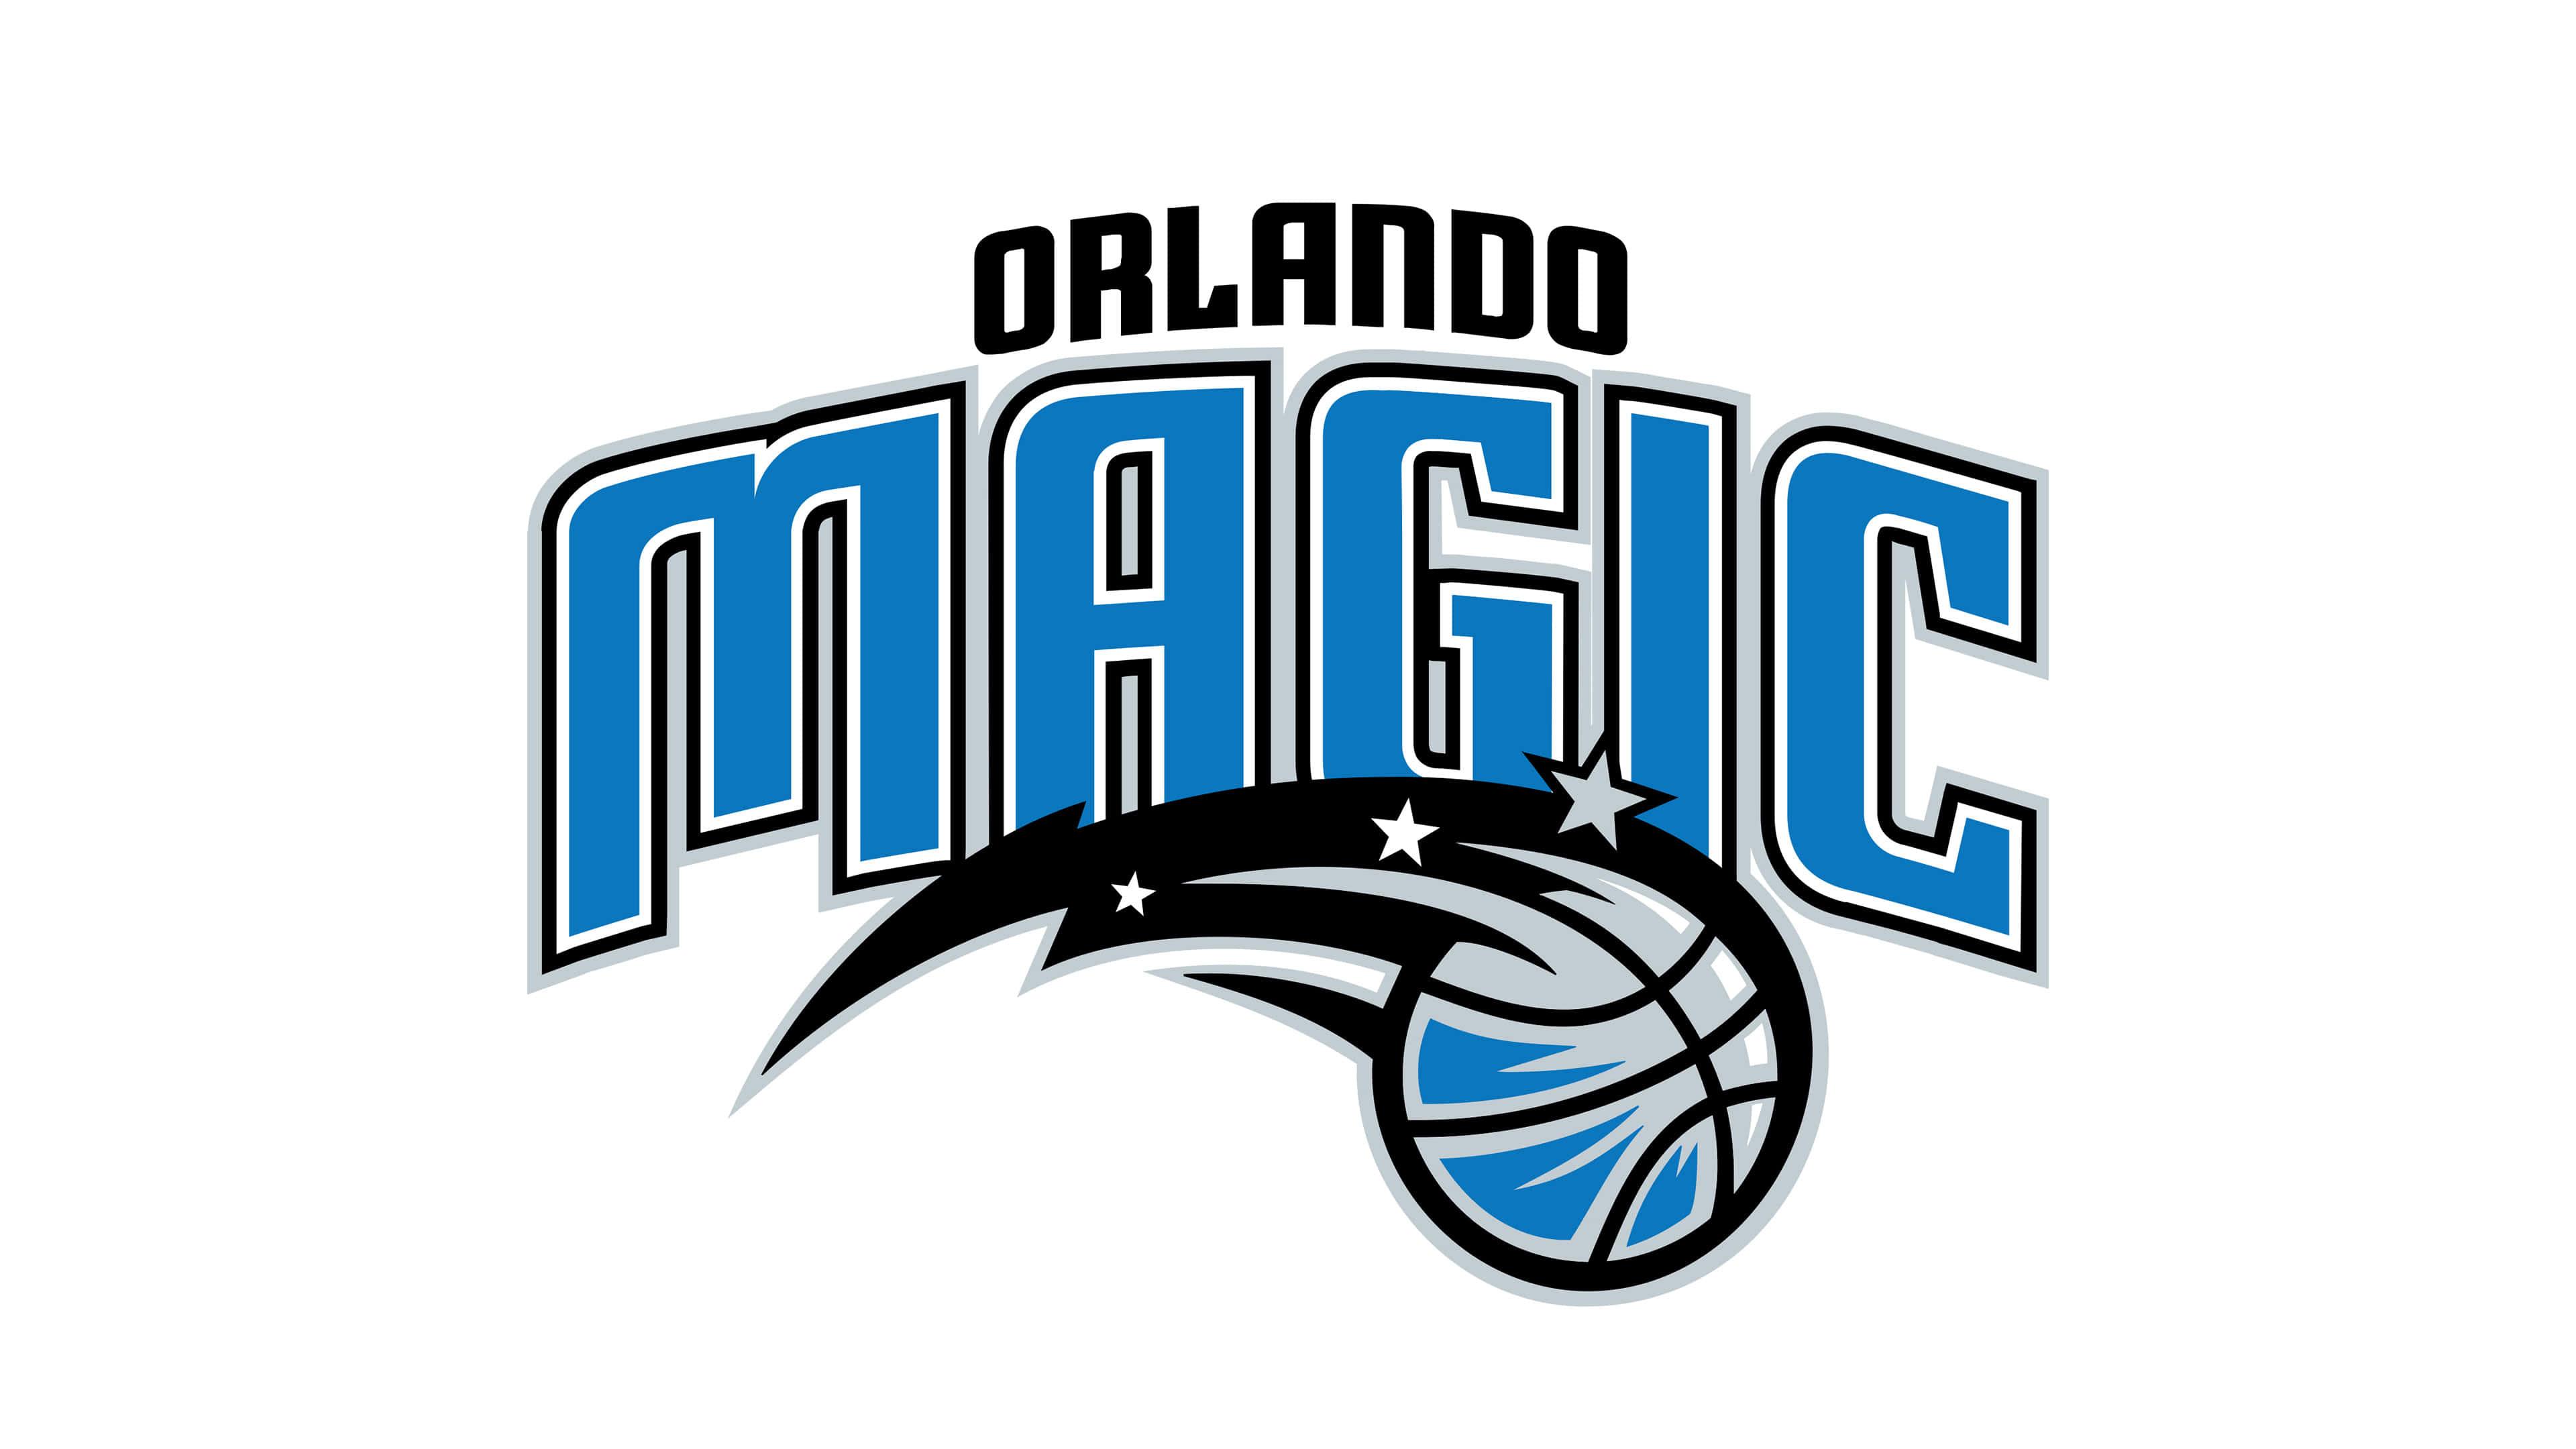 orlando magic nba logo uhd 4k wallpaper